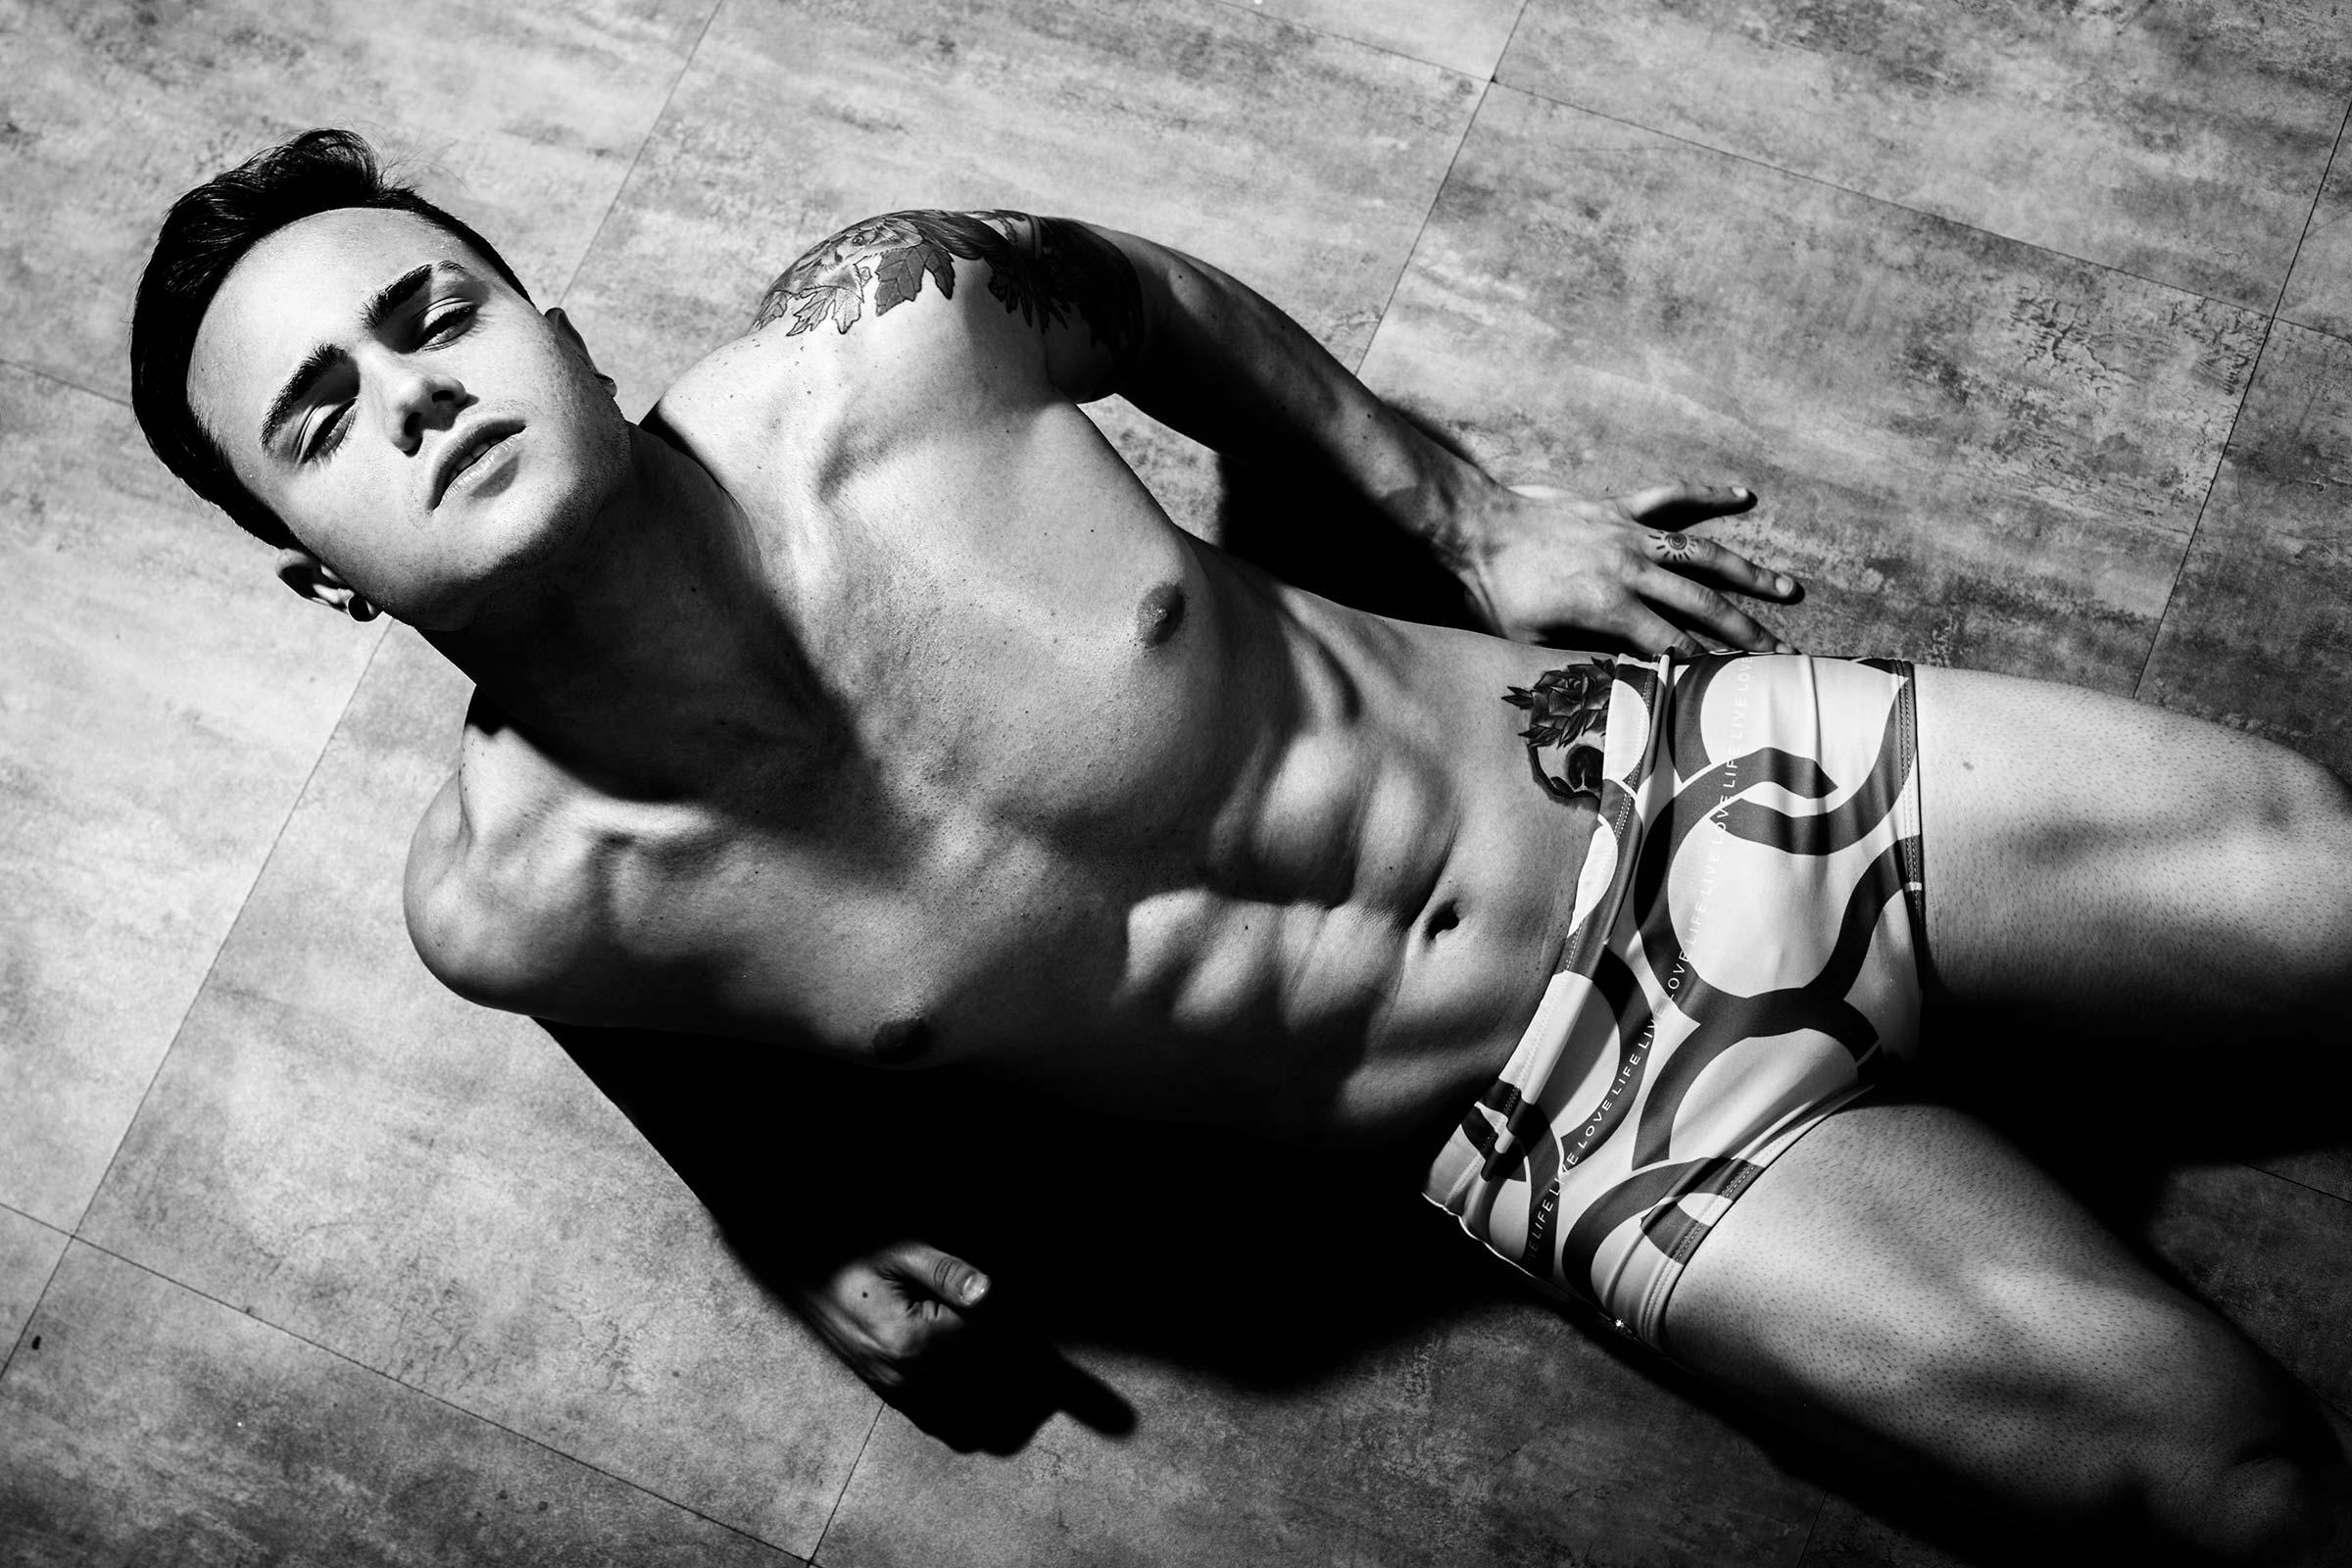 Eduardo Del Vechio 'Mc_Duduka' X Ronaldo Gutierrez X YUP MAGAZINE